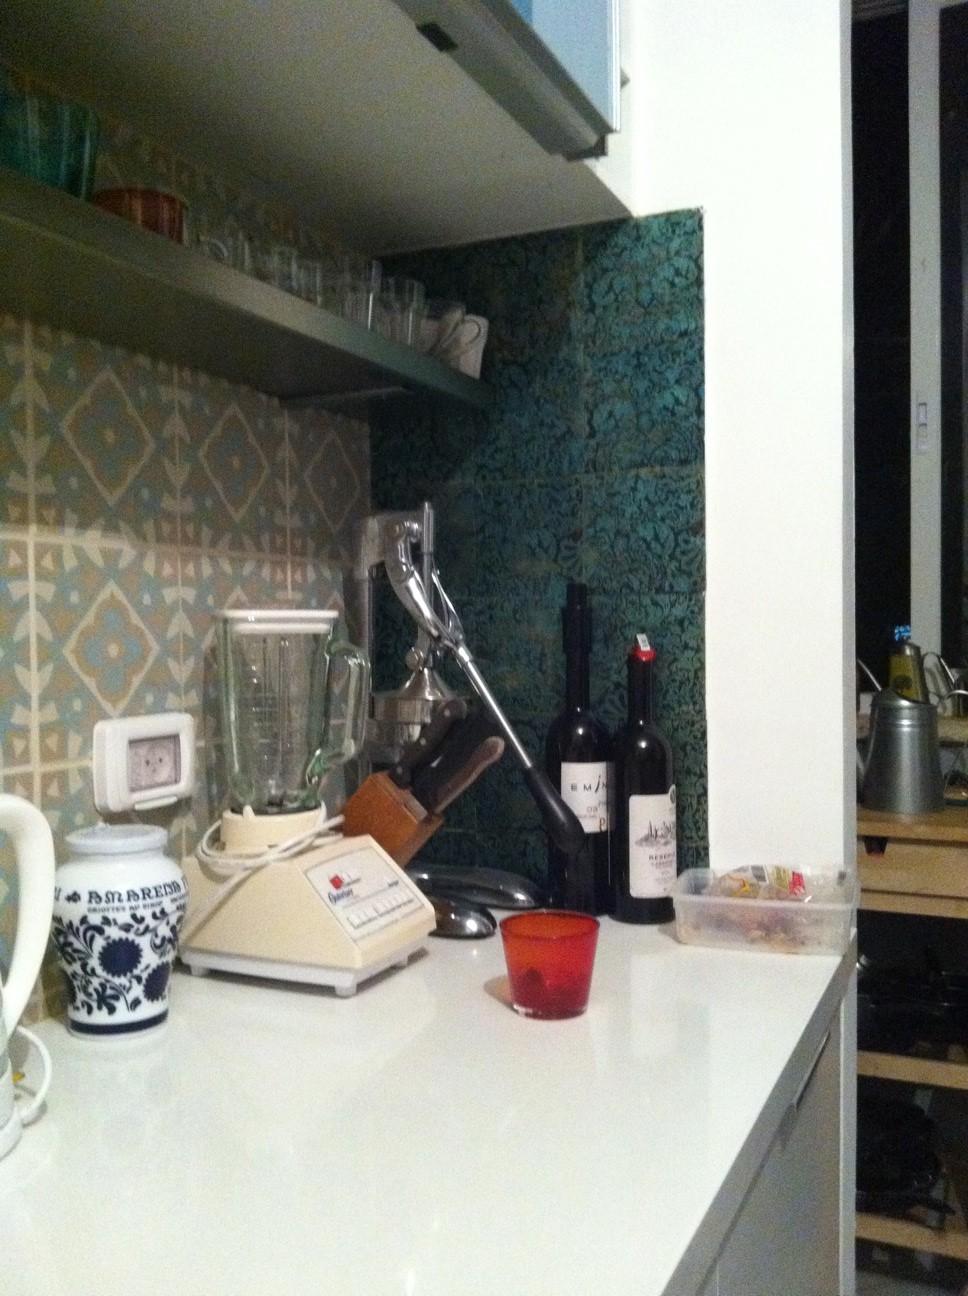 חיפויים שונים על קירות מטבח